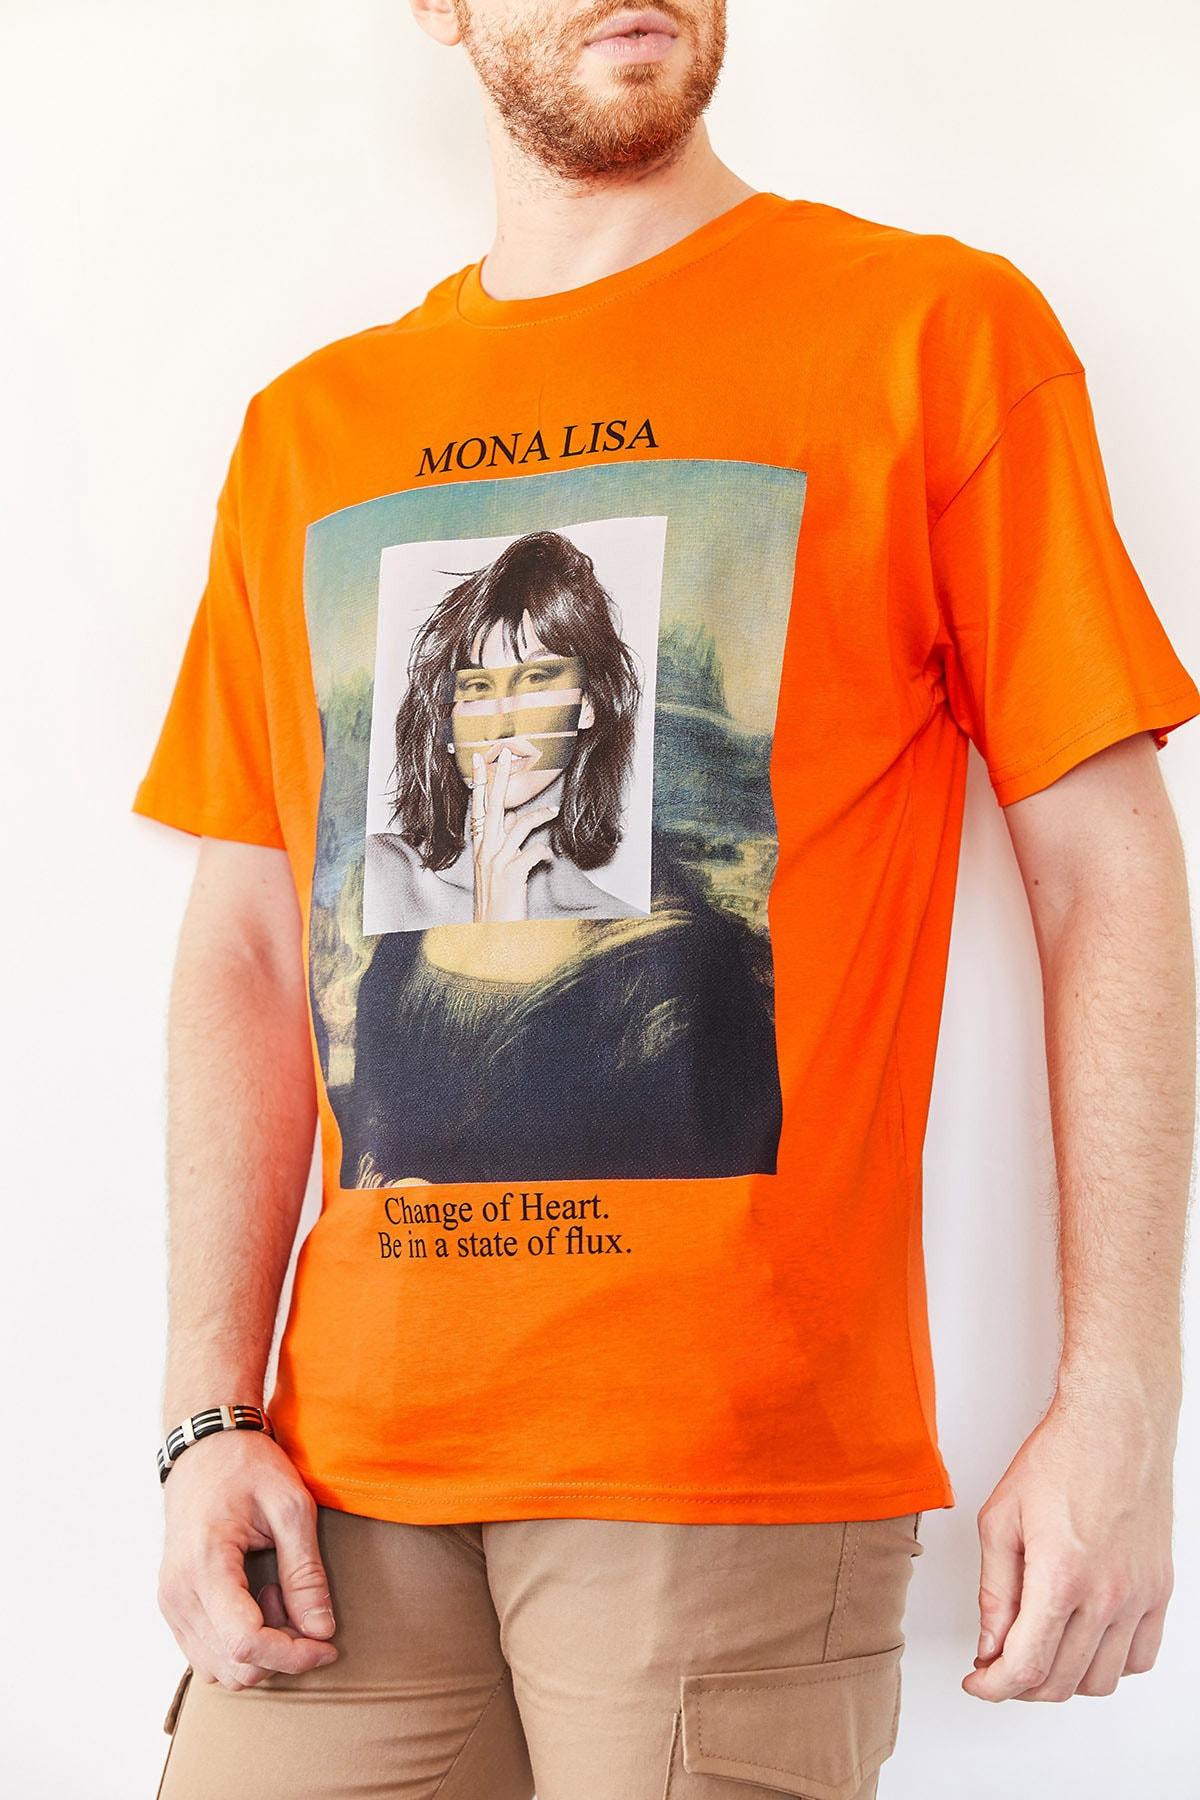 XHAN Erkek Turuncu Baskılı Salaş T-shirt 0yxe1-44016-11 1